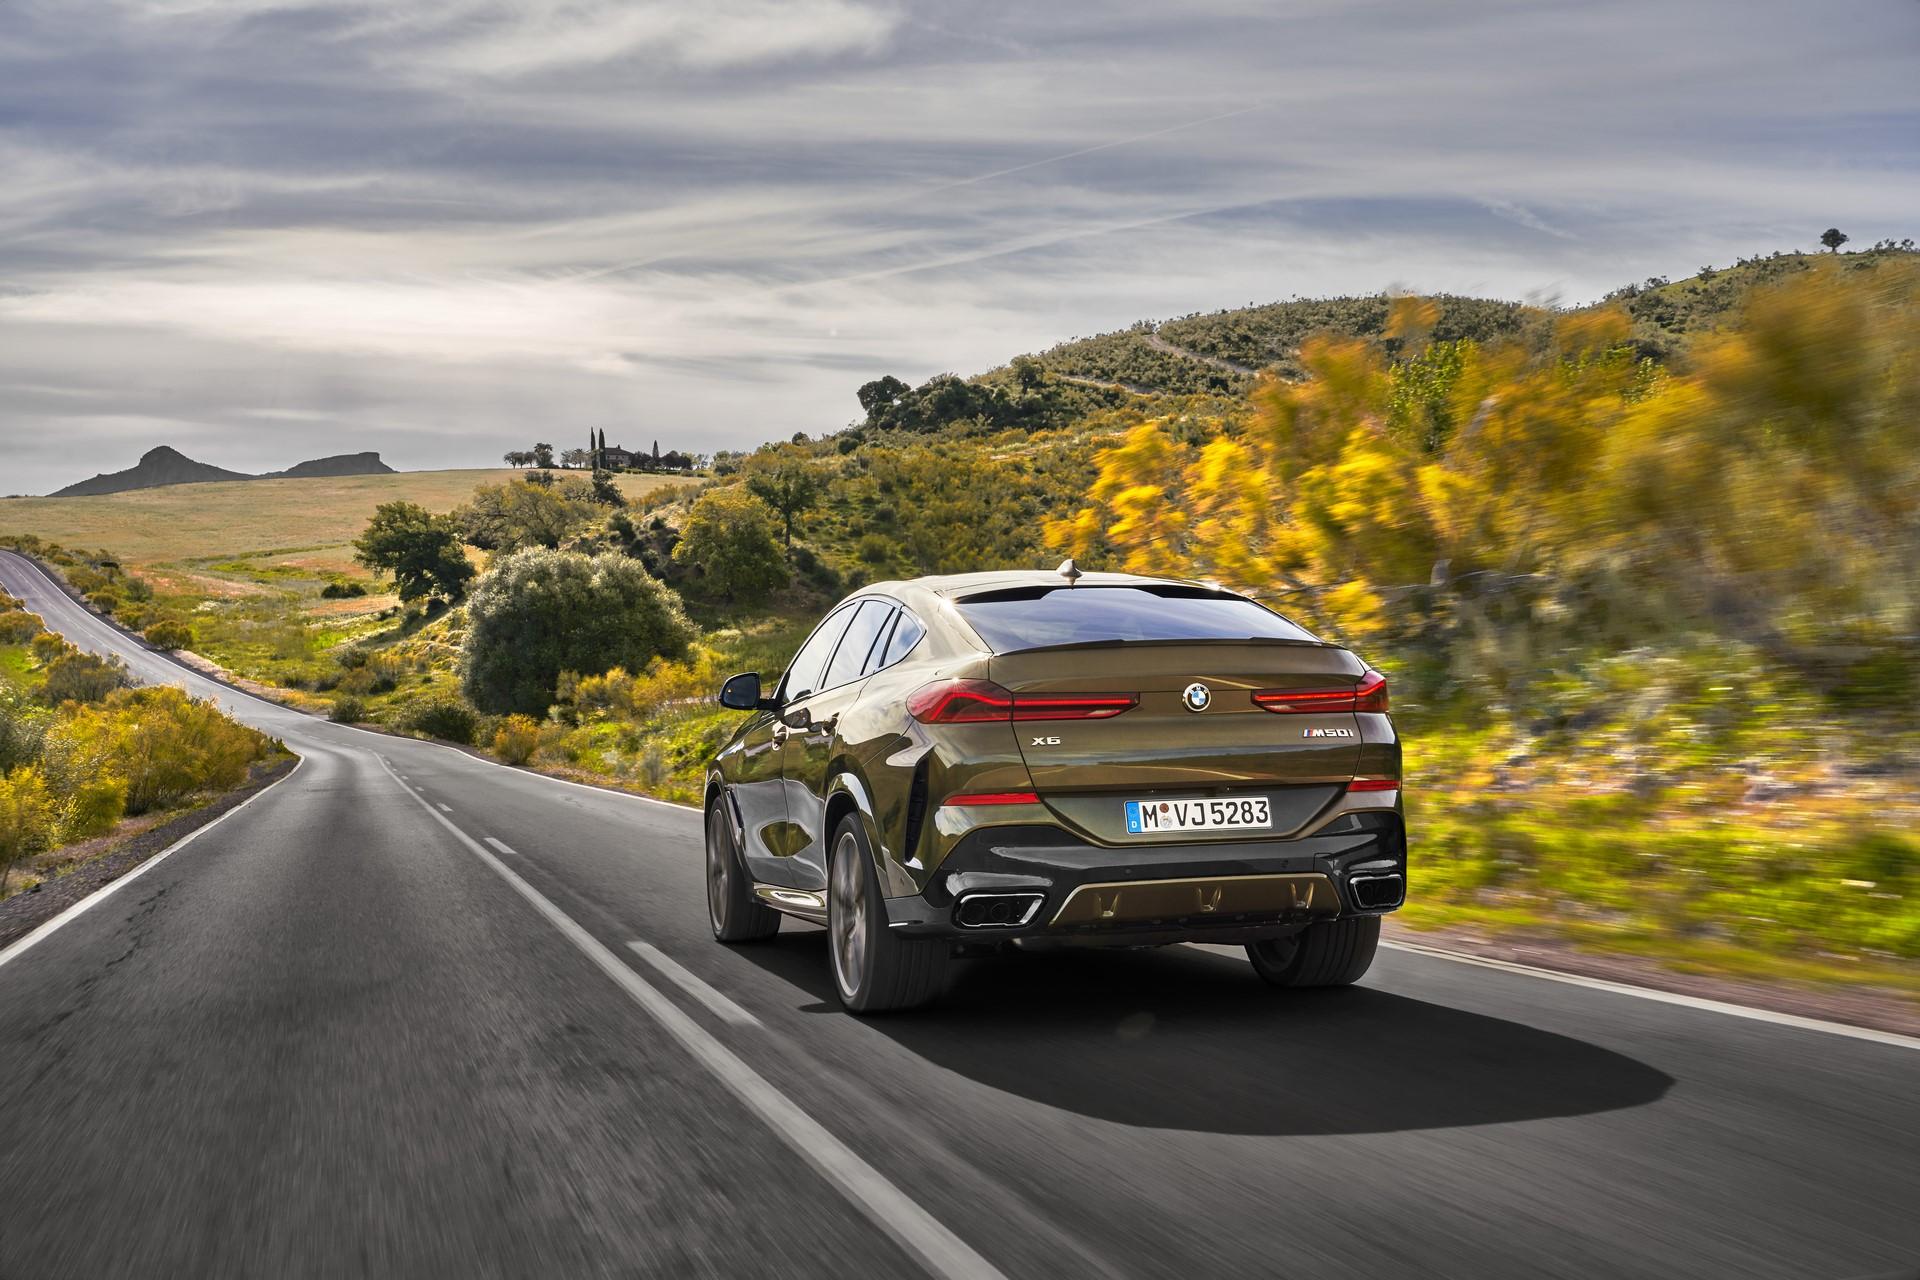 BMW-X6-2020-25